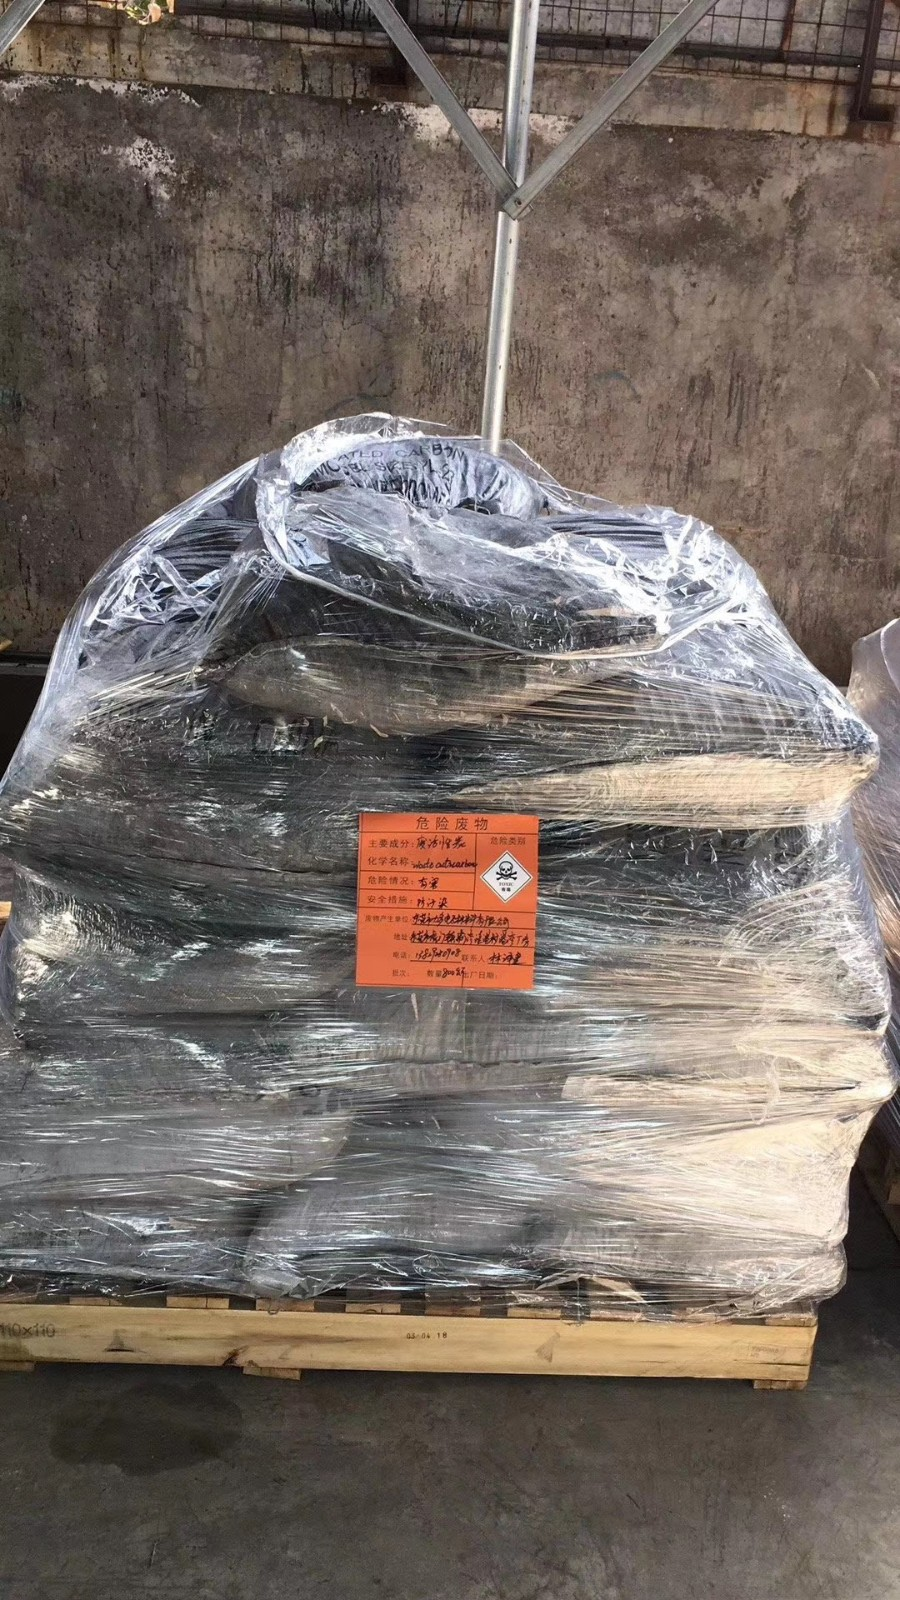 油墨廢水處置_屠宰廢水處理設備相關-深圳市新榮善環保有限公司